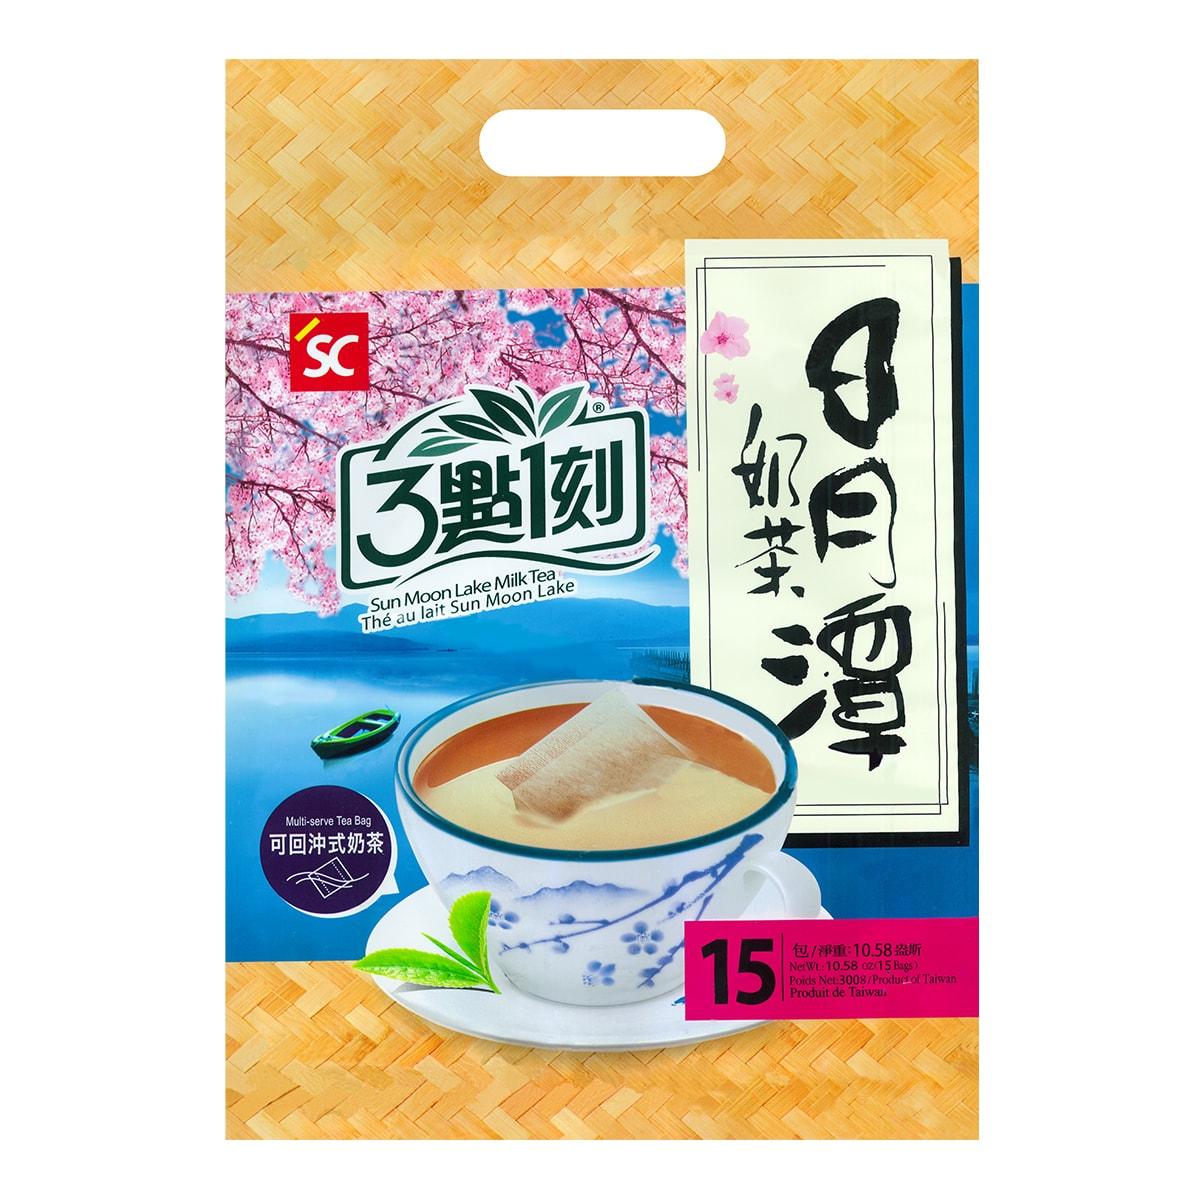 台湾三点一刻 可回冲式日月潭奶茶 15包入 300g